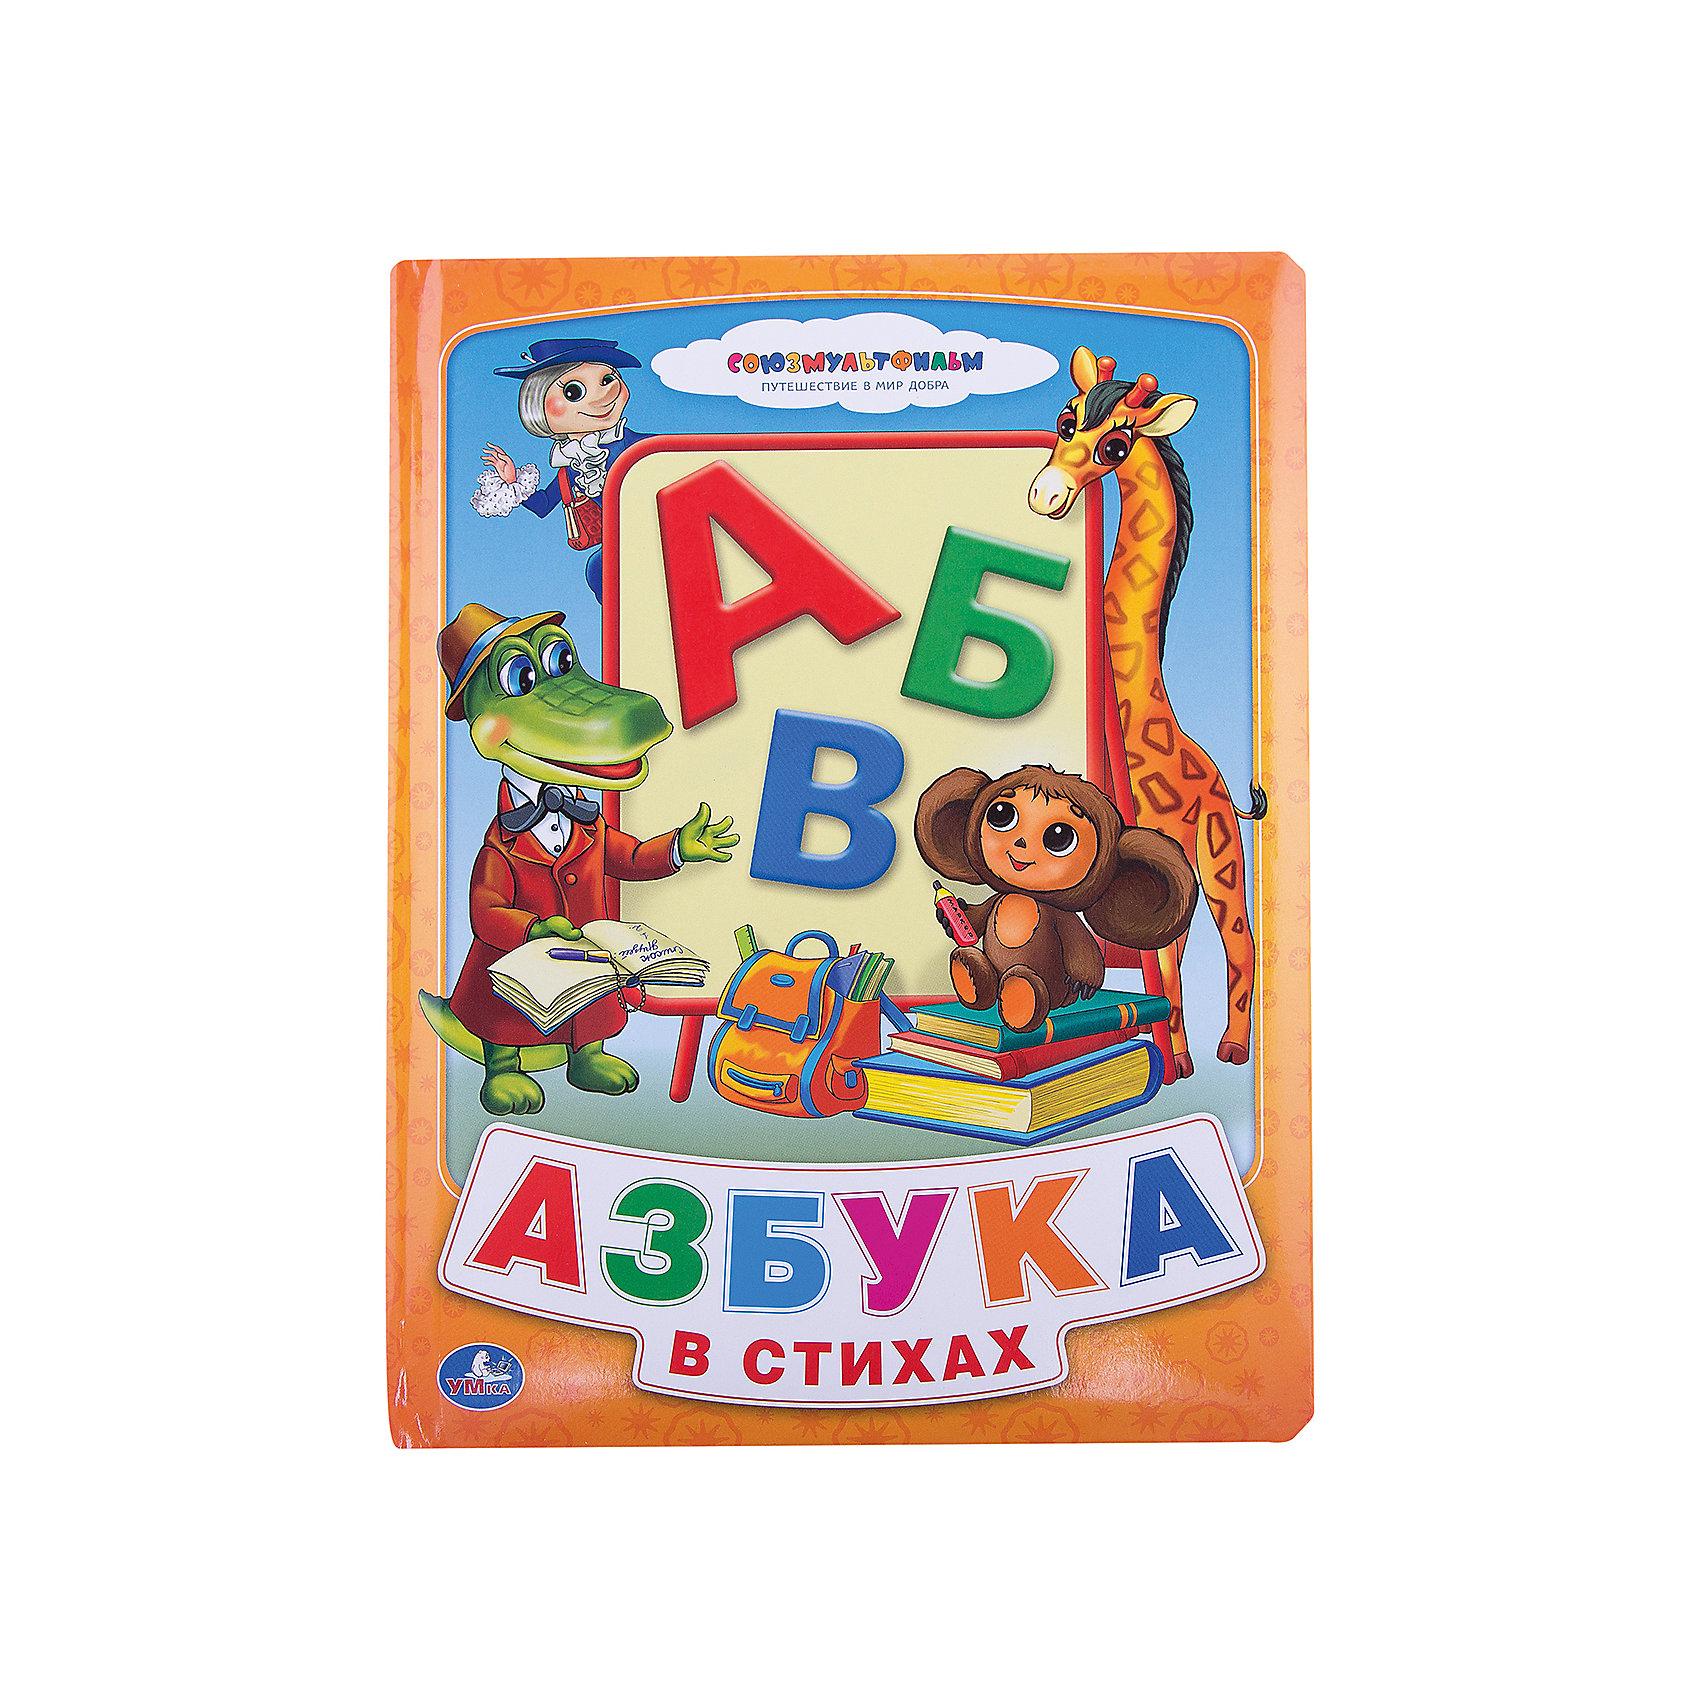 Книга Азбука в стихах, УмкаУчить буквы с любимыми героями весело и интересно! Азбука в стихах поможет ребенку не только запомнить алфавит, но и выучить новые слова и маленькие веселые стихи. Яркие иллюстрации, плотные страницы и любимые персонажи из мультфильмов обязательно заинтересую ребенка, сделают процесс обучения увлекательным и интересным. <br><br>Дополнительная информация:<br><br>- Автор: М. Грозовский, Н. Лунина, В. Лунин, Я. Аким, Г. Виеру, И. Горюнова, Н. Пунько.<br>- Формат: 22х29 см.<br>- Переплет: твердый.  <br>- Количество страниц: 16<br>- Иллюстрации: цветные. <br><br>Книгу Азбука в стихах, Умка, можно купить в нашем магазине.<br><br>Ширина мм: 220<br>Глубина мм: 280<br>Высота мм: 10<br>Вес г: 500<br>Возраст от месяцев: 36<br>Возраст до месяцев: 72<br>Пол: Унисекс<br>Возраст: Детский<br>SKU: 4720160